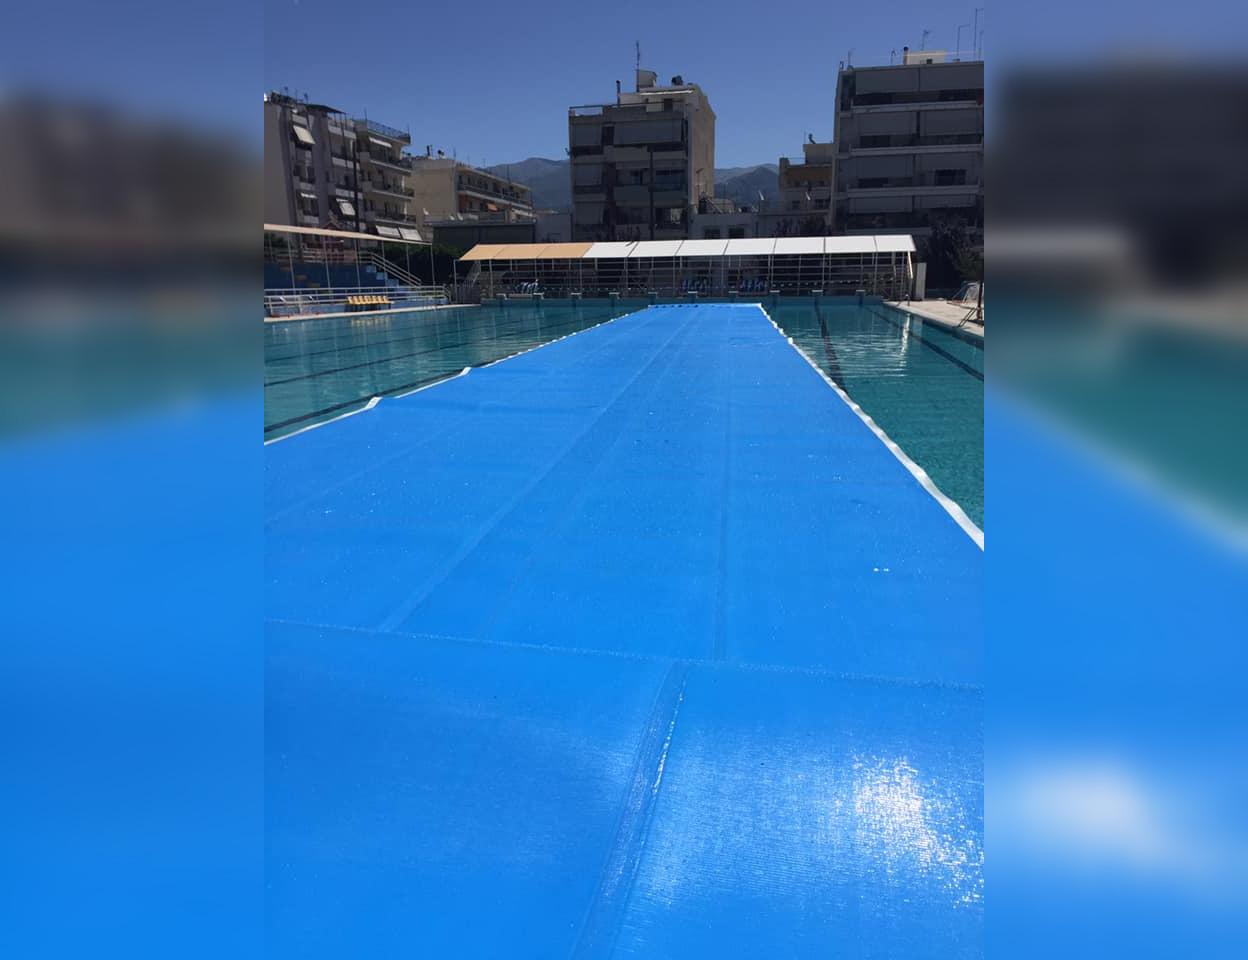 """, Στρώθηκε η """"κουβέρτα"""" στο κολυμβητήριο- Ανοίγει και η μικρή πισίνα"""